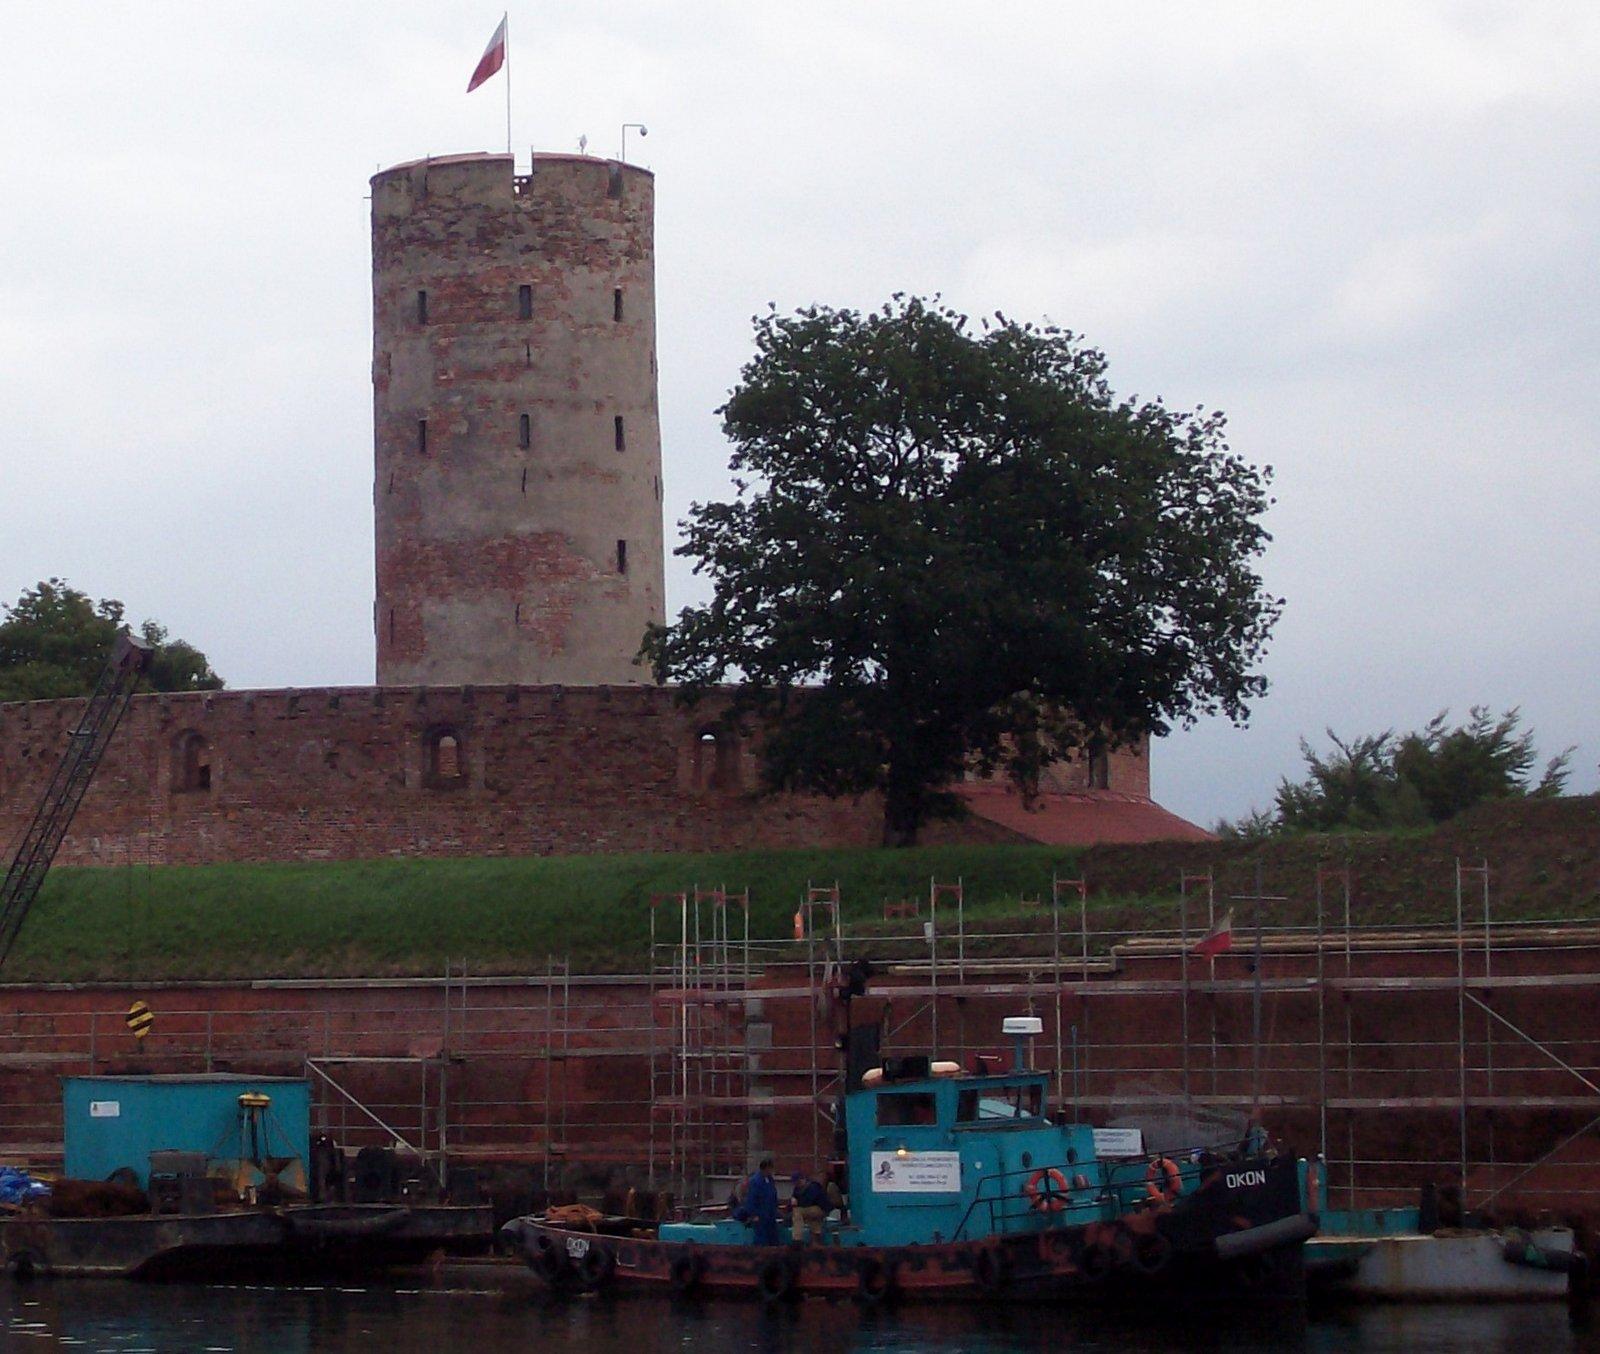 Festung Weichselmünde